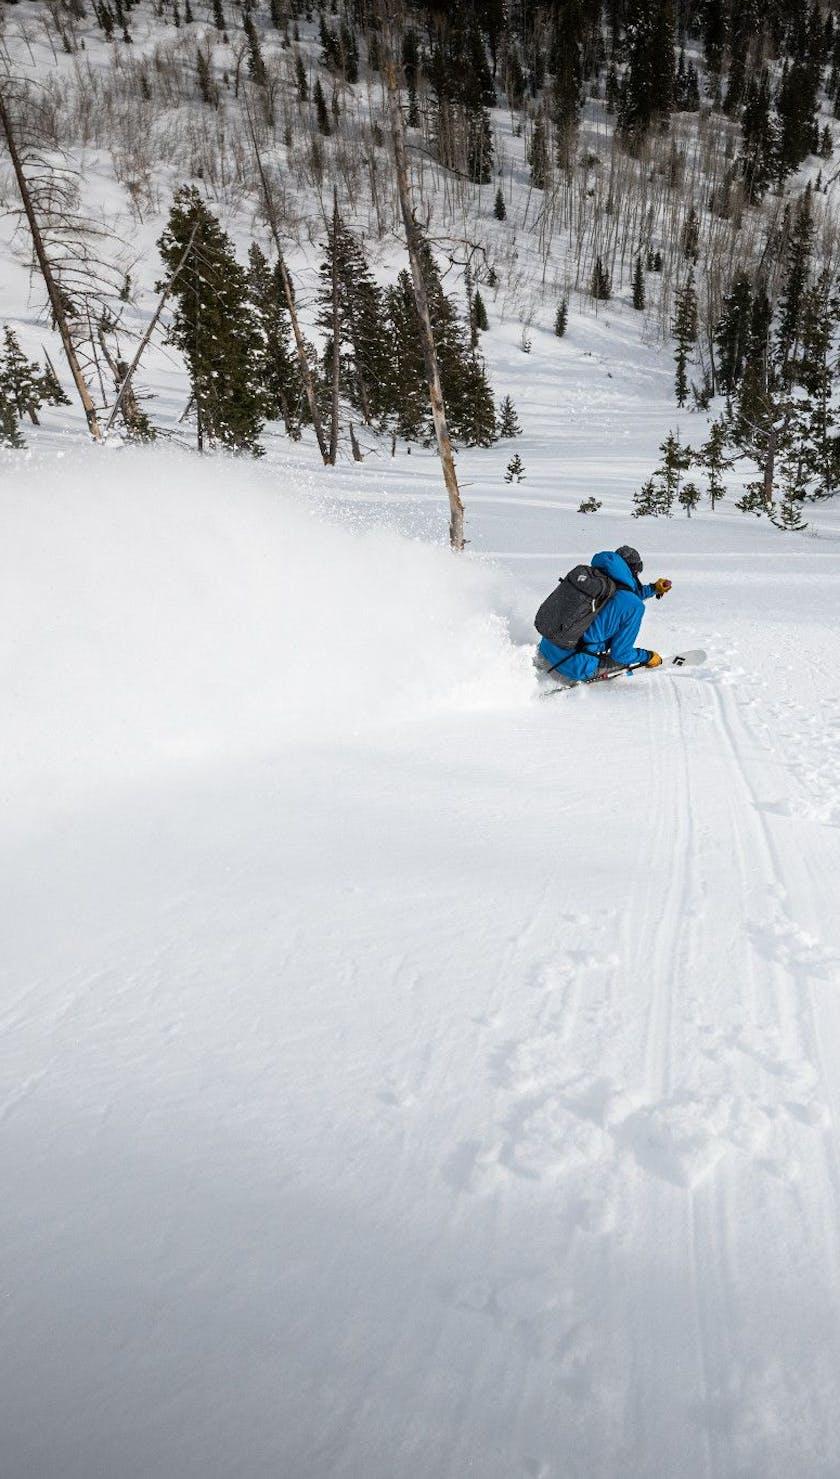 skier going through a powder field